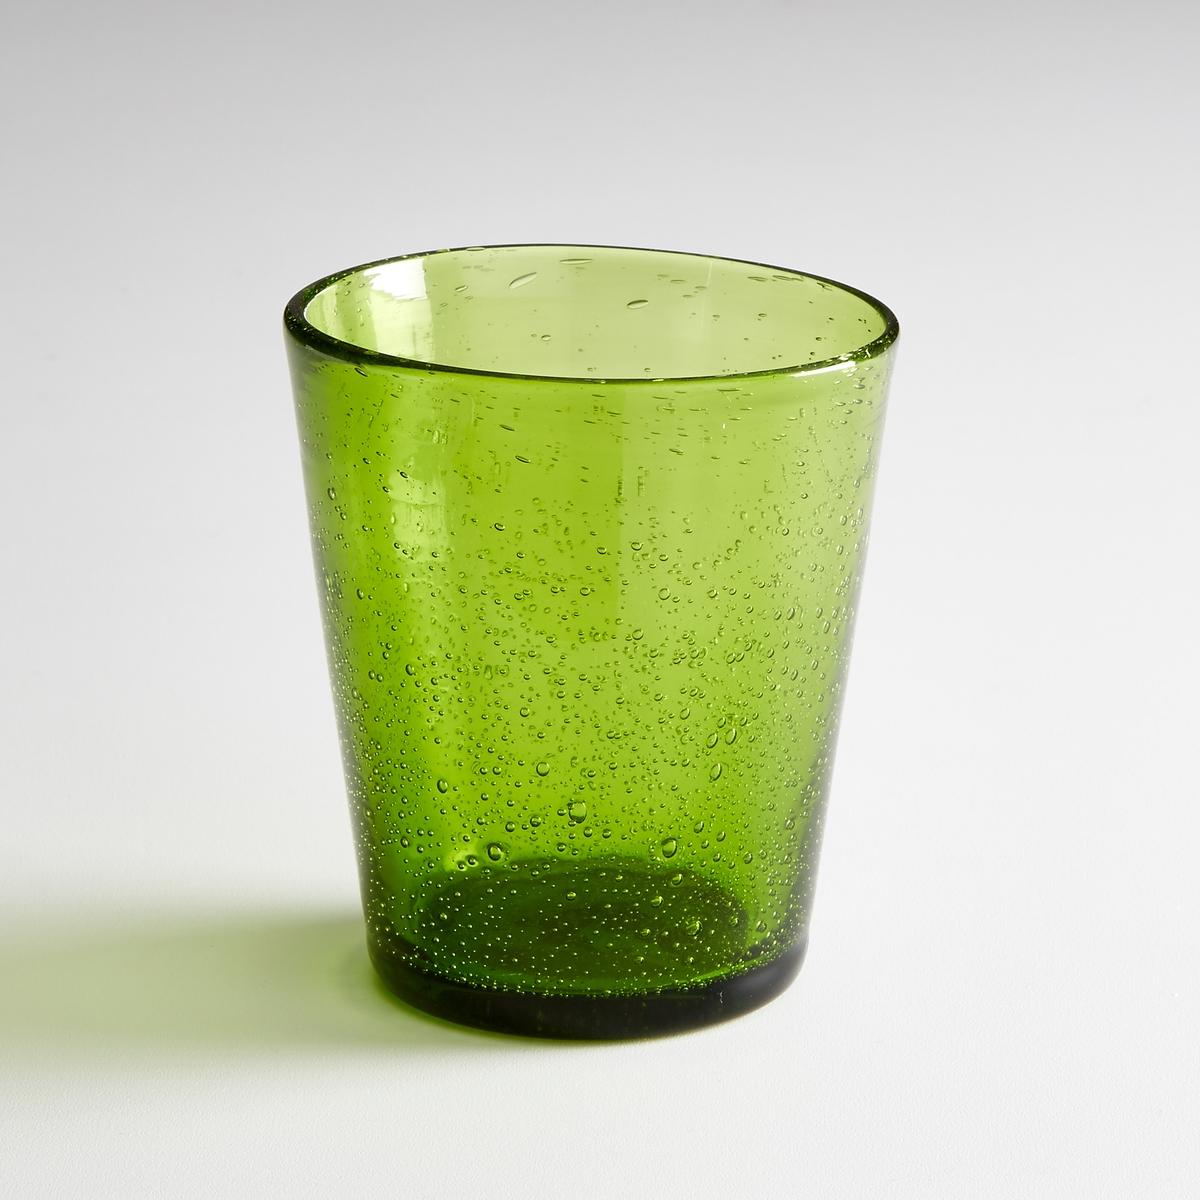 4 стакана для воды  с эффектом пузырьковFARAJIХарактеристики 4 стаканов для воды  :- Оригинальный стакан для воды с пузырьками воздуха  - Диаметр  : 6/9 см Высота : 10,5 cм Подходит для мытья в посудомоечной машинеПродаются комплектом из 4 штНайдите нашу коллекцию Faraji и другие столовые приборы на сайте laredoute.ru<br><br>Цвет: дымчато-серый,темно-зеленый